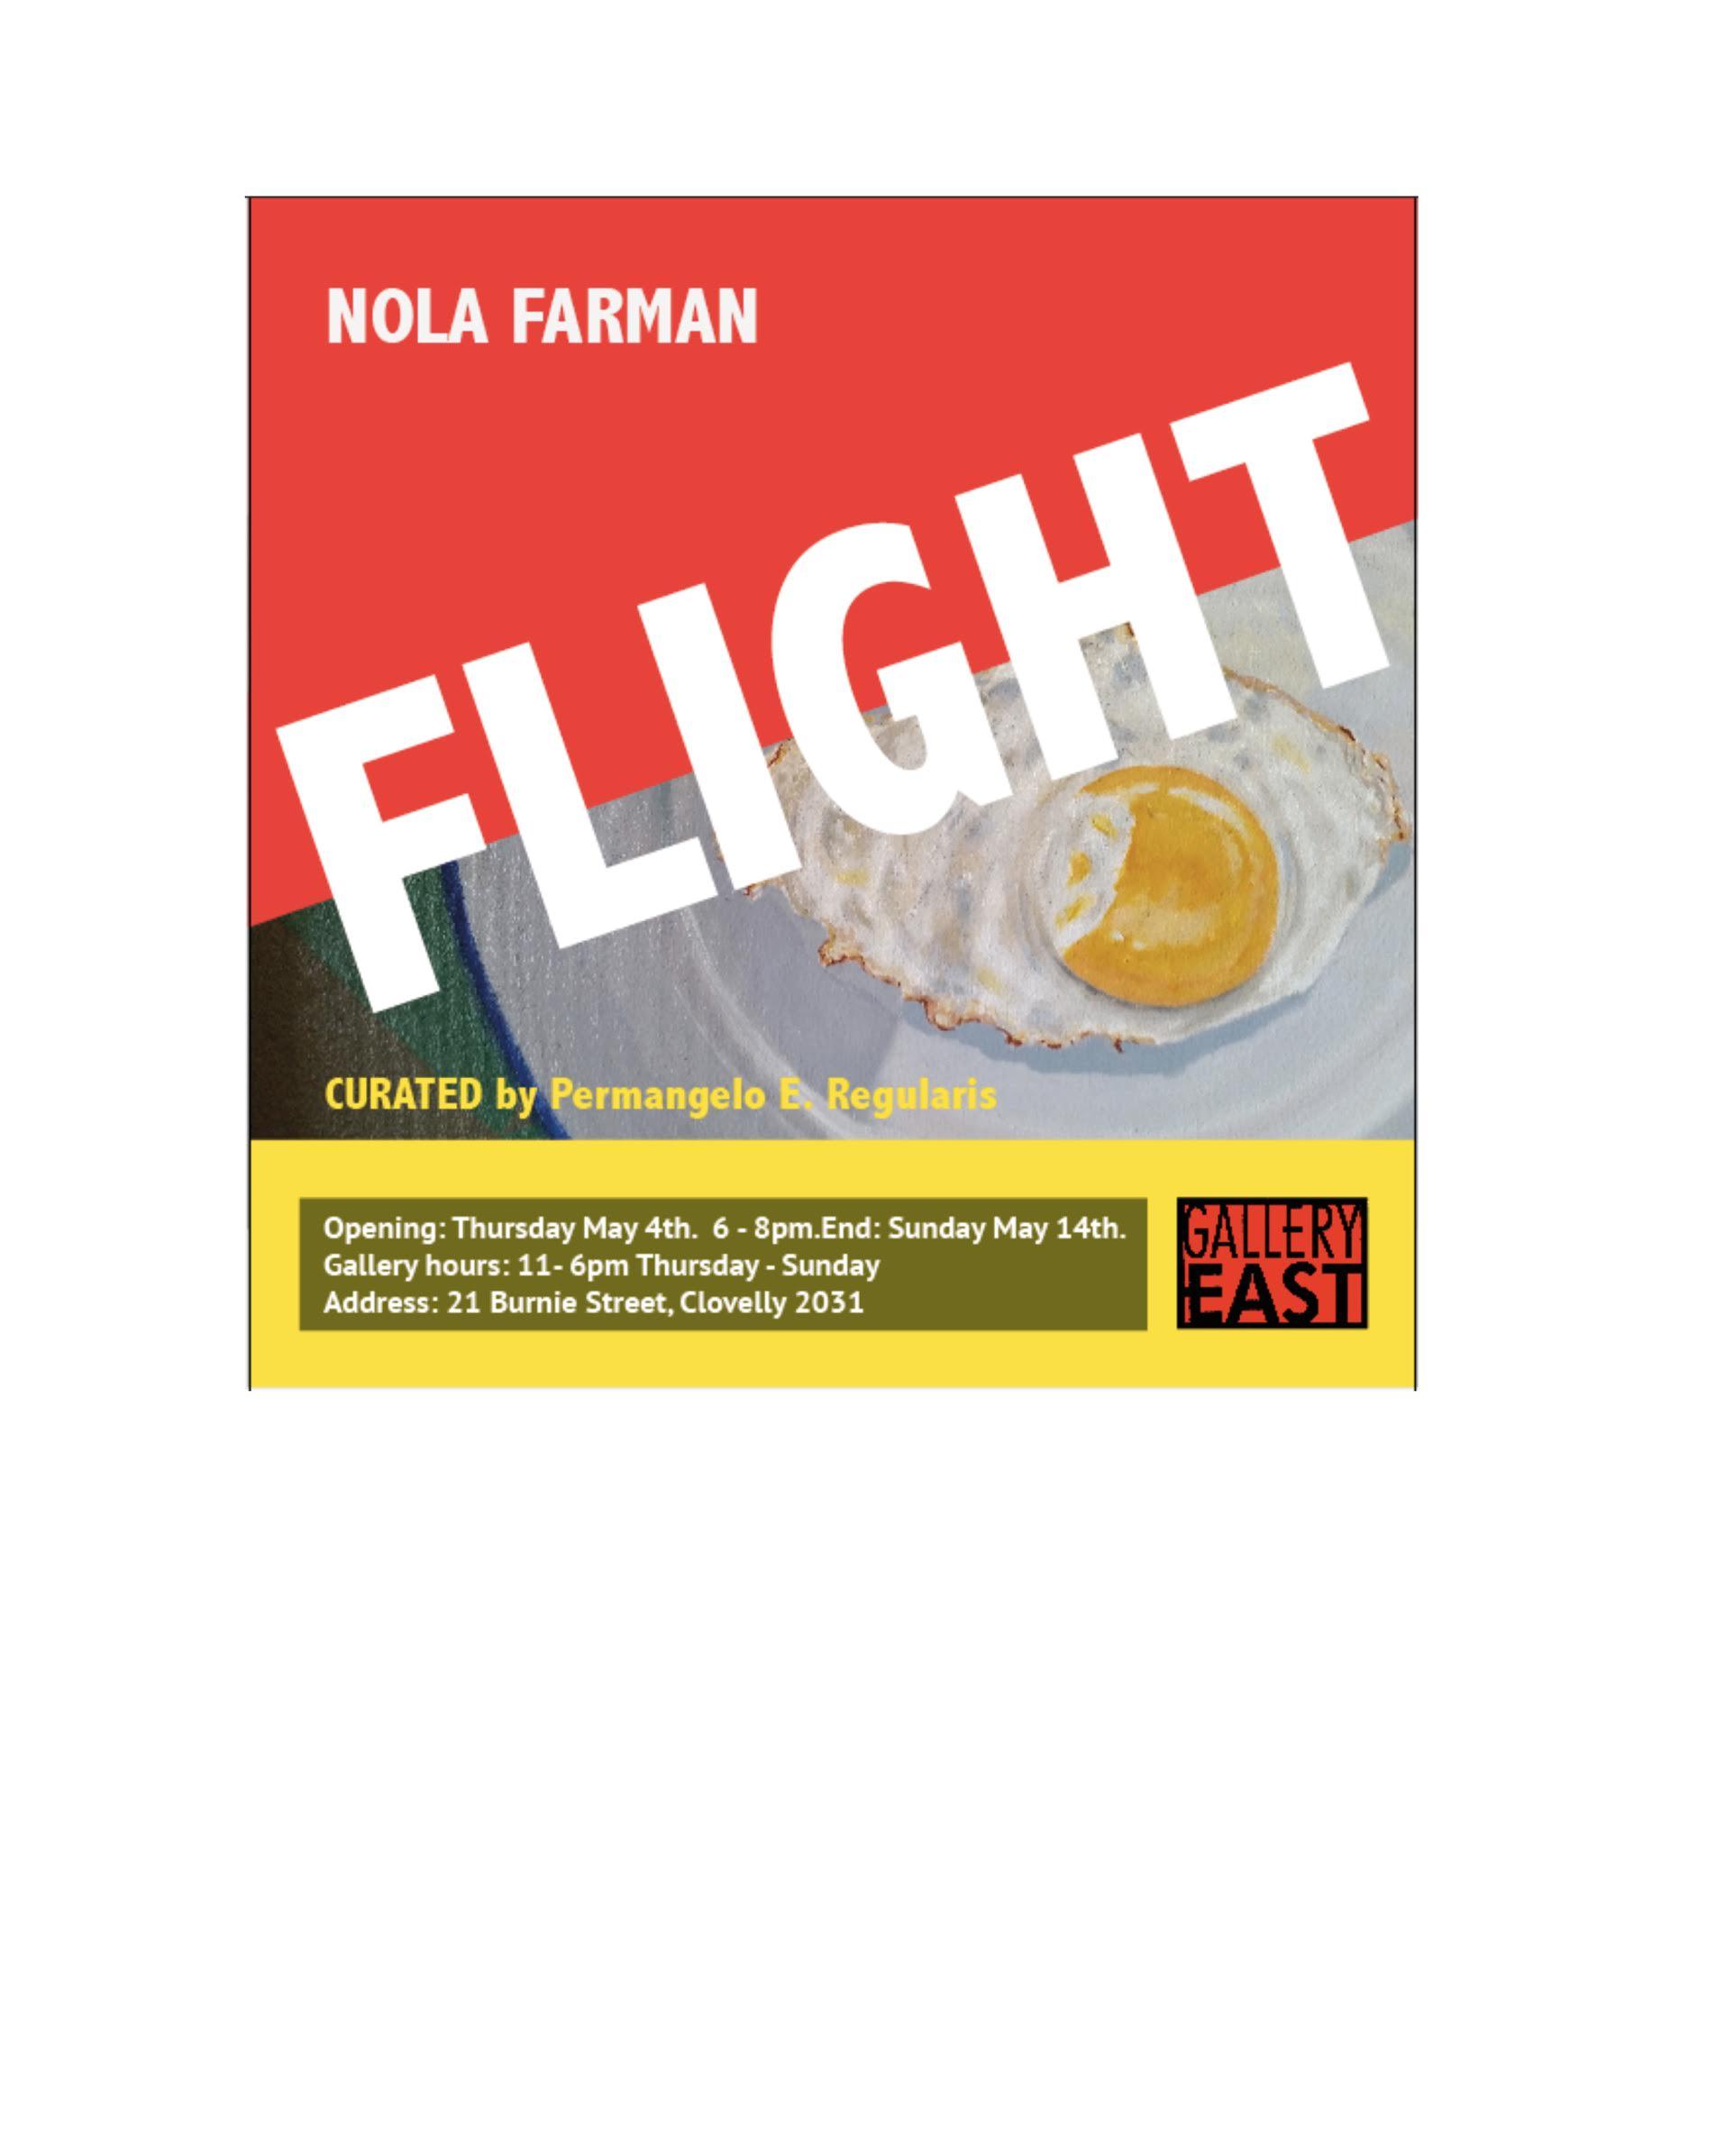 Nola-farman-flight